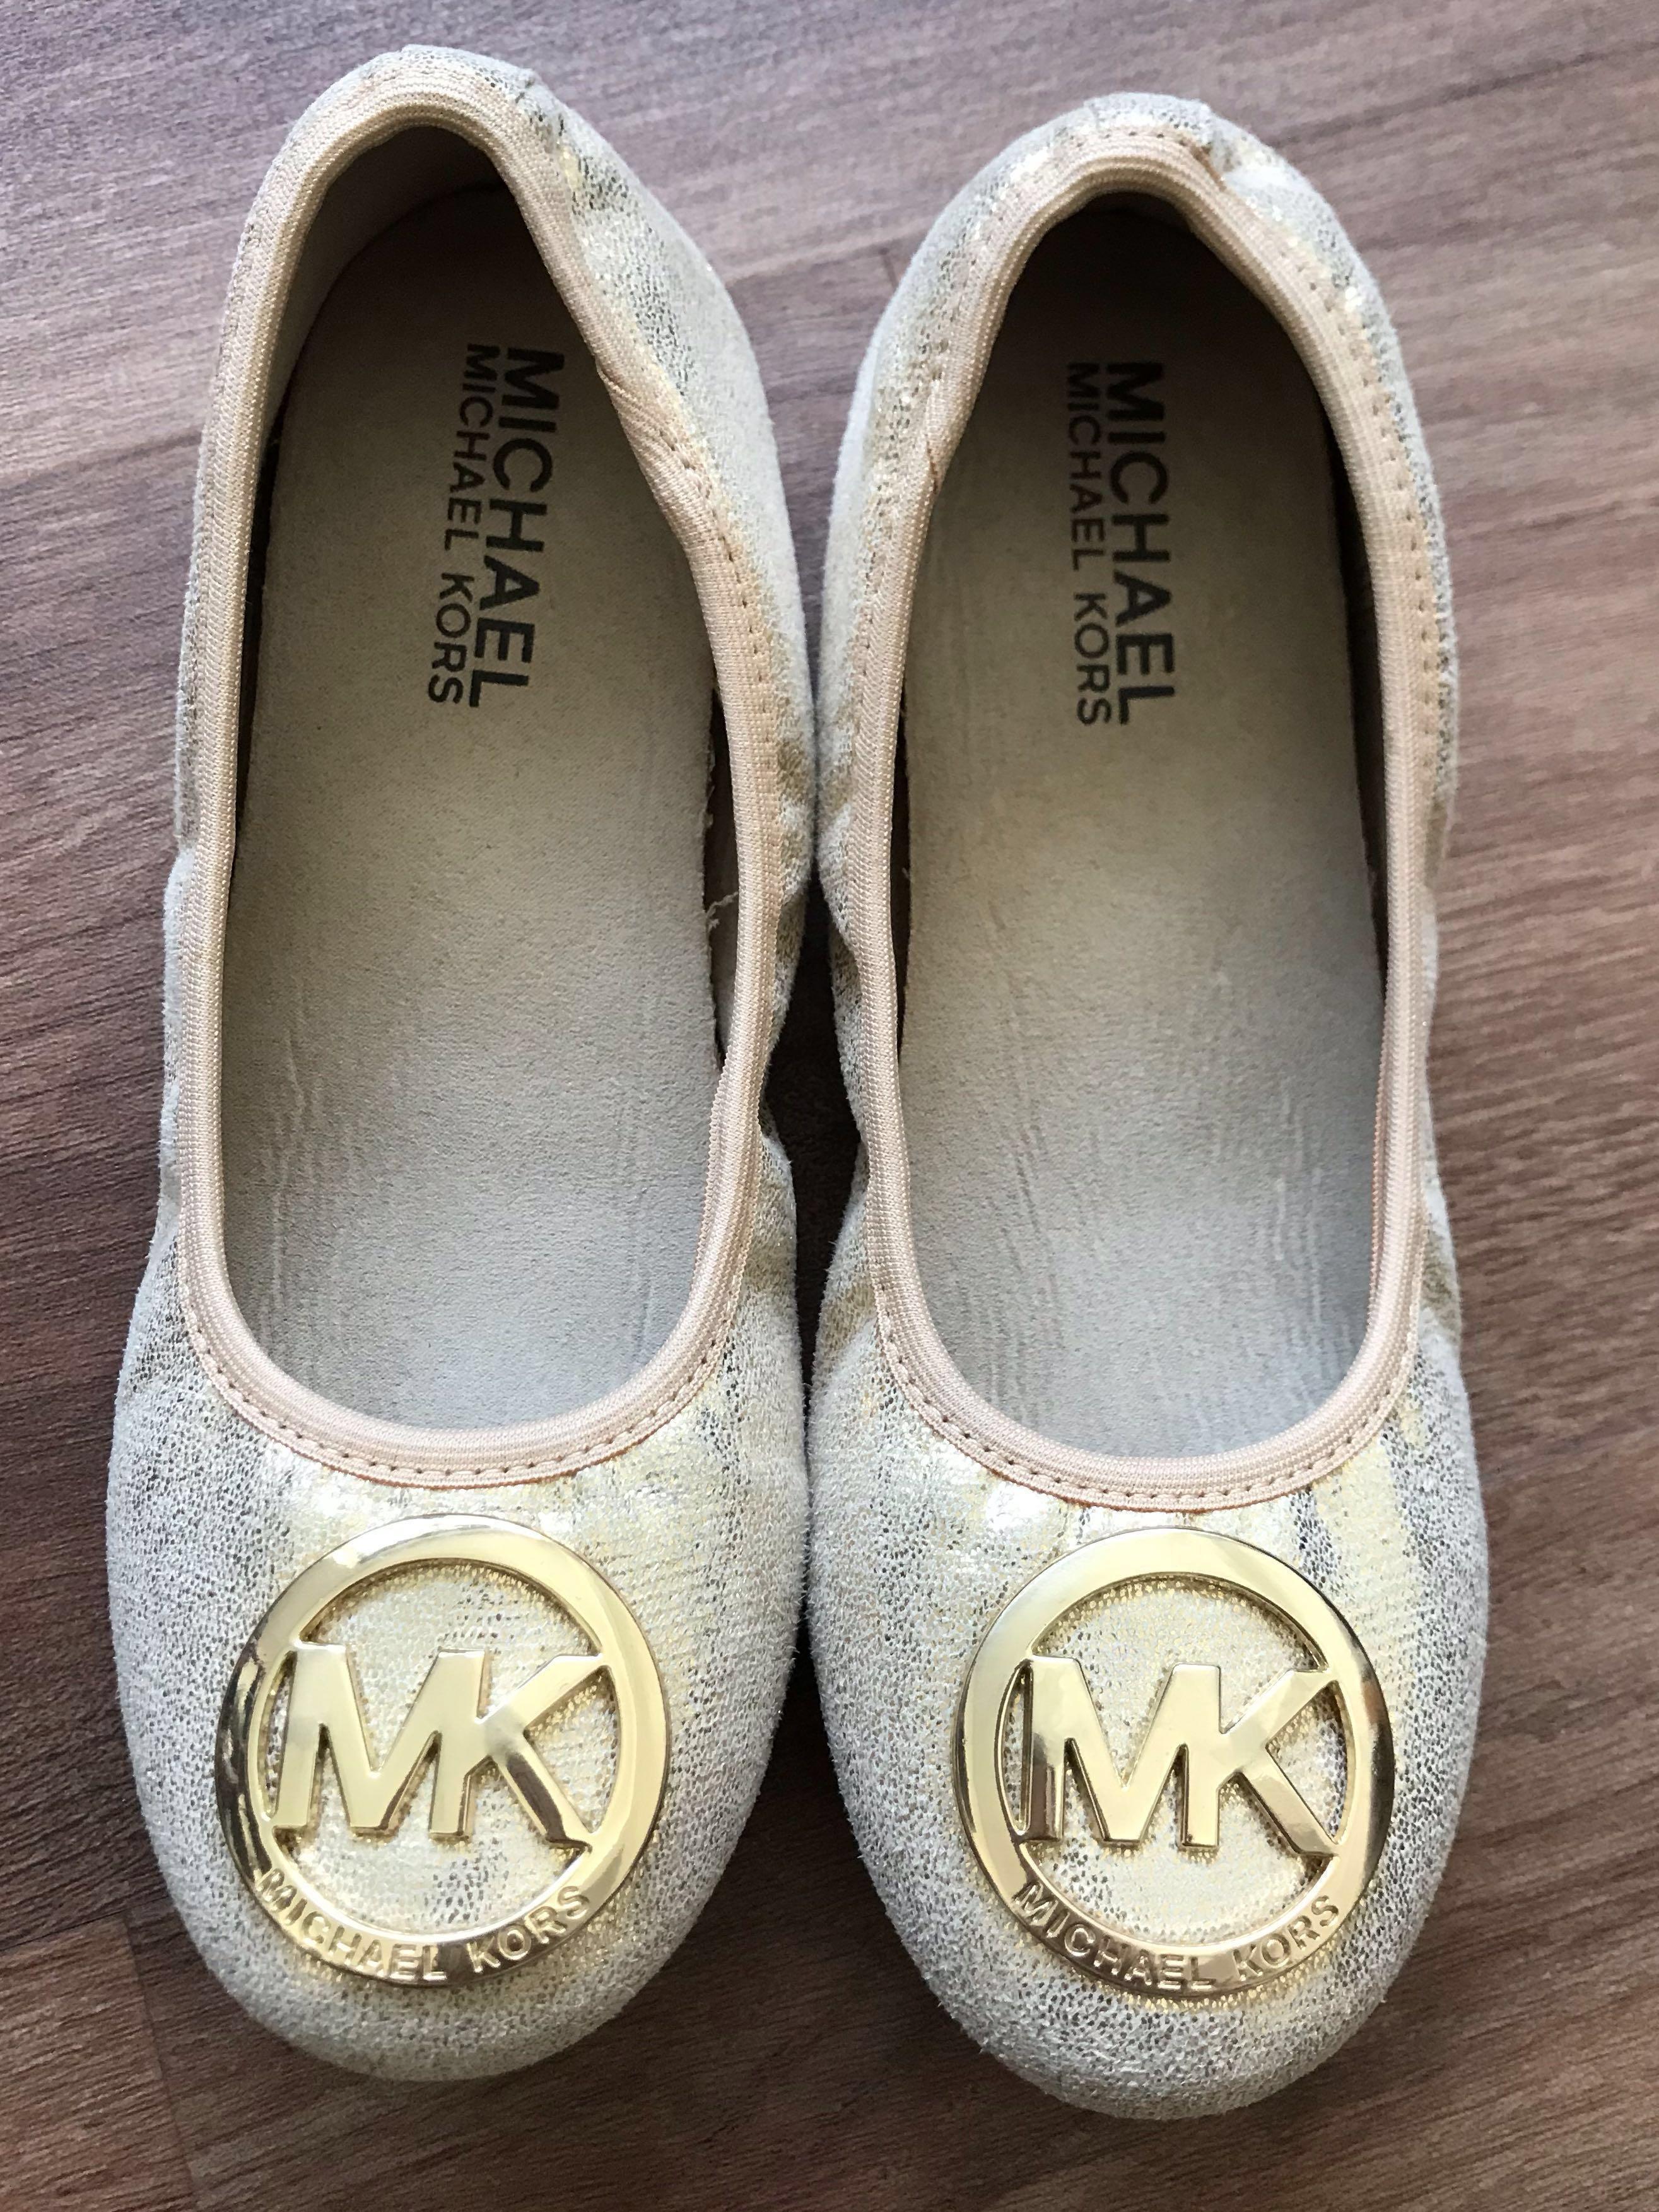 Girls Shoes Michael Kors ballet flats